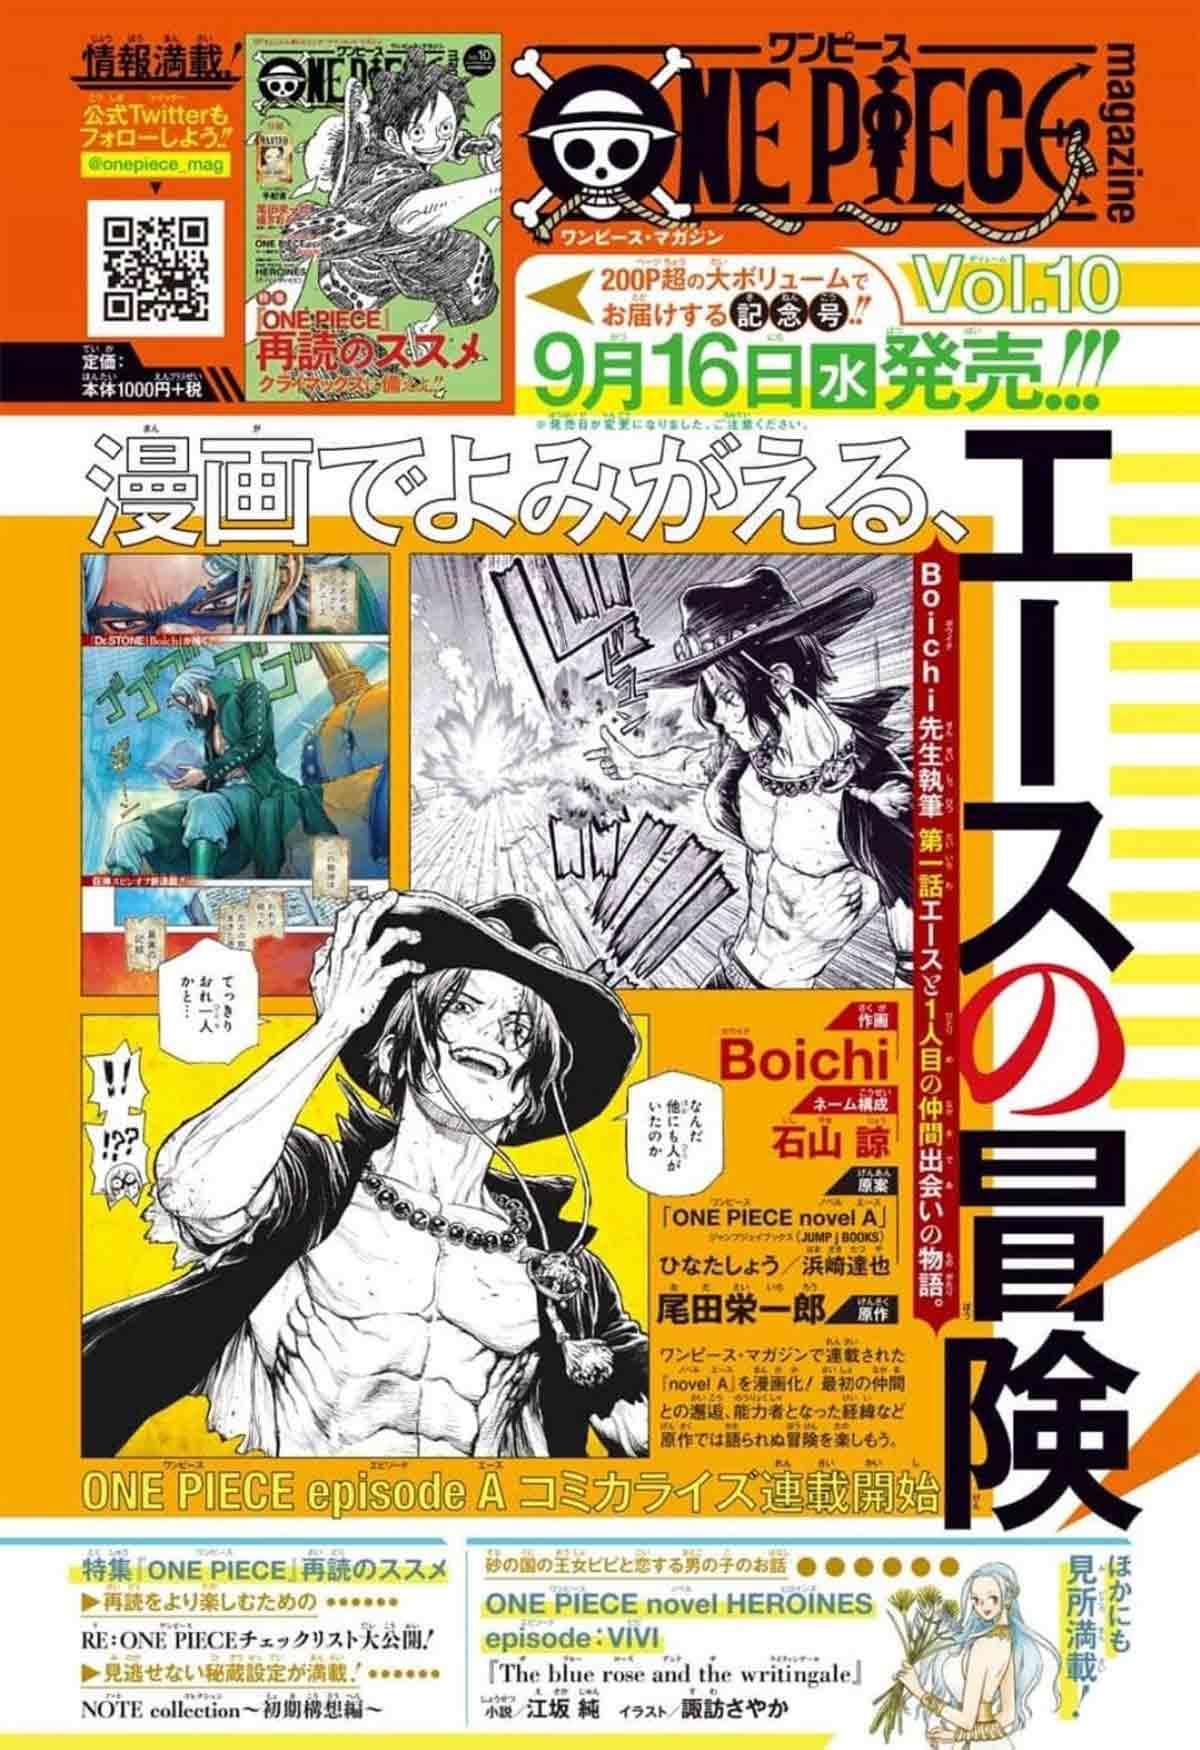 One Piece comparte detalles sobre el comienzo del manga de Ace